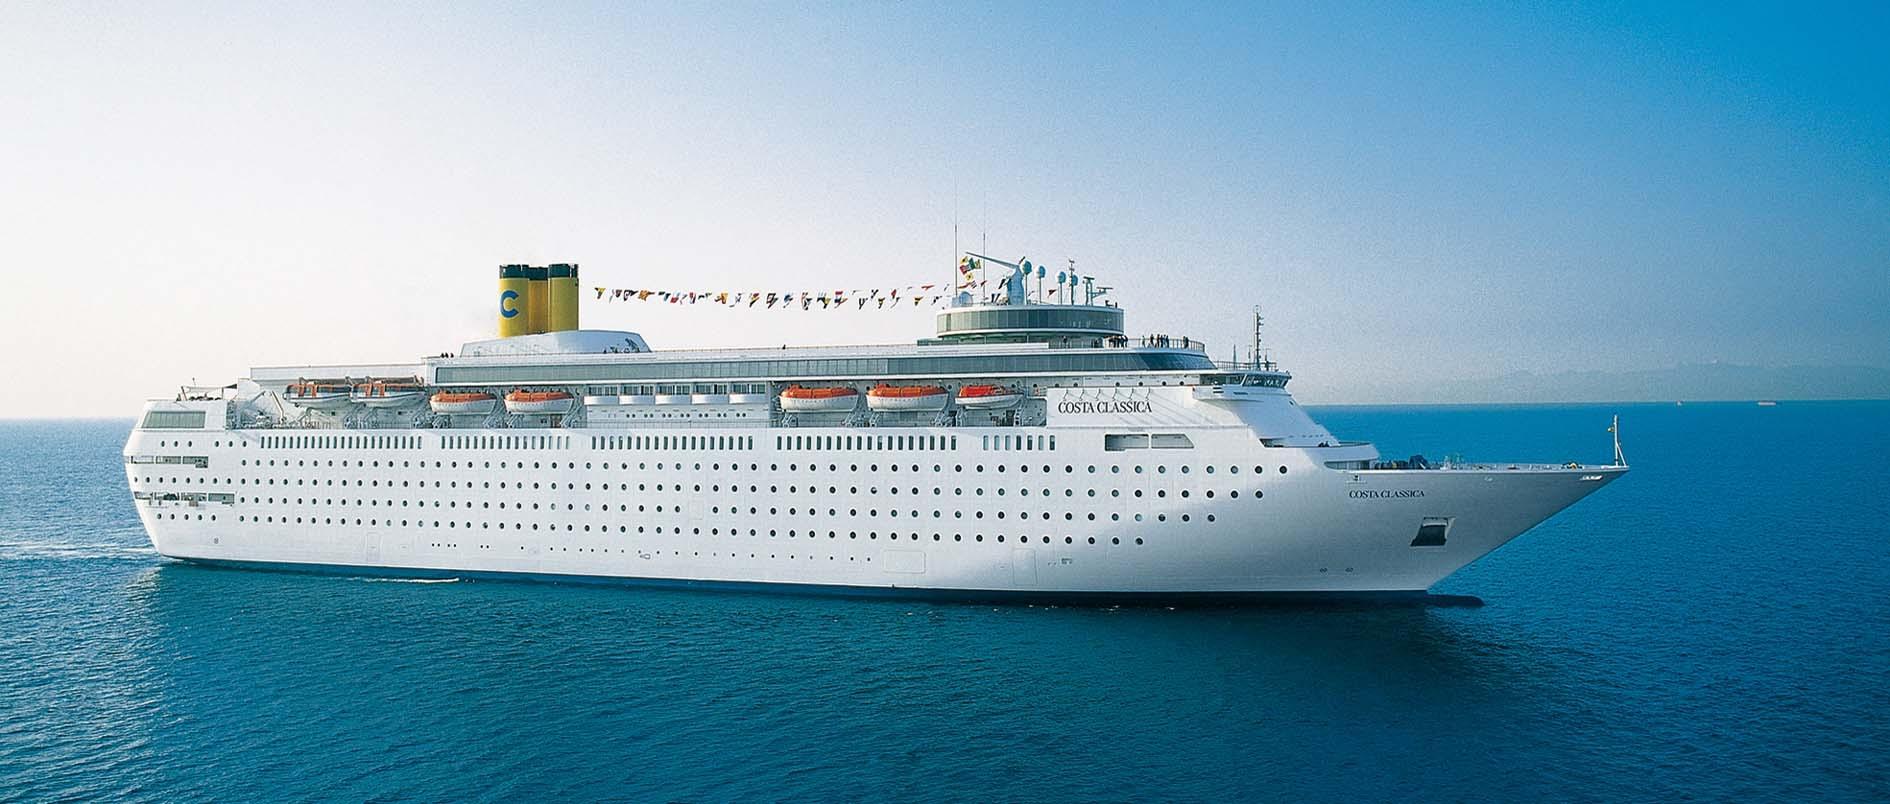 Cruceros Baratos - SoloCruceros: el mejor buscador de cruceros